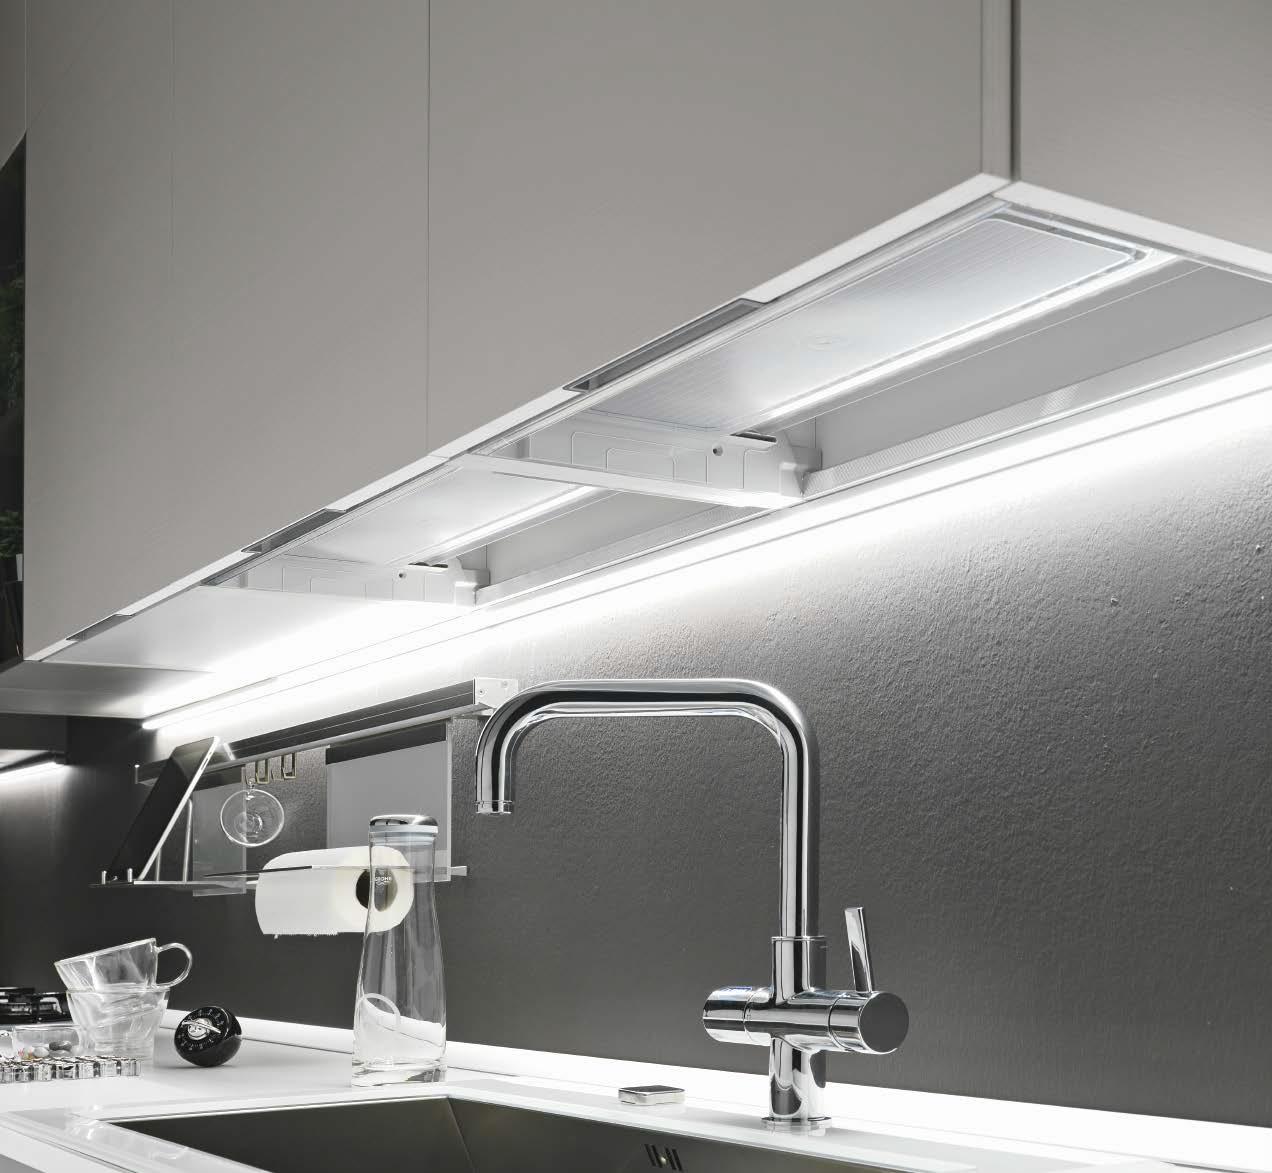 Lampade led cucina scegliere luci led per mobili da cucina a mestre venezia lampade a - Lampade a led per cucina ...